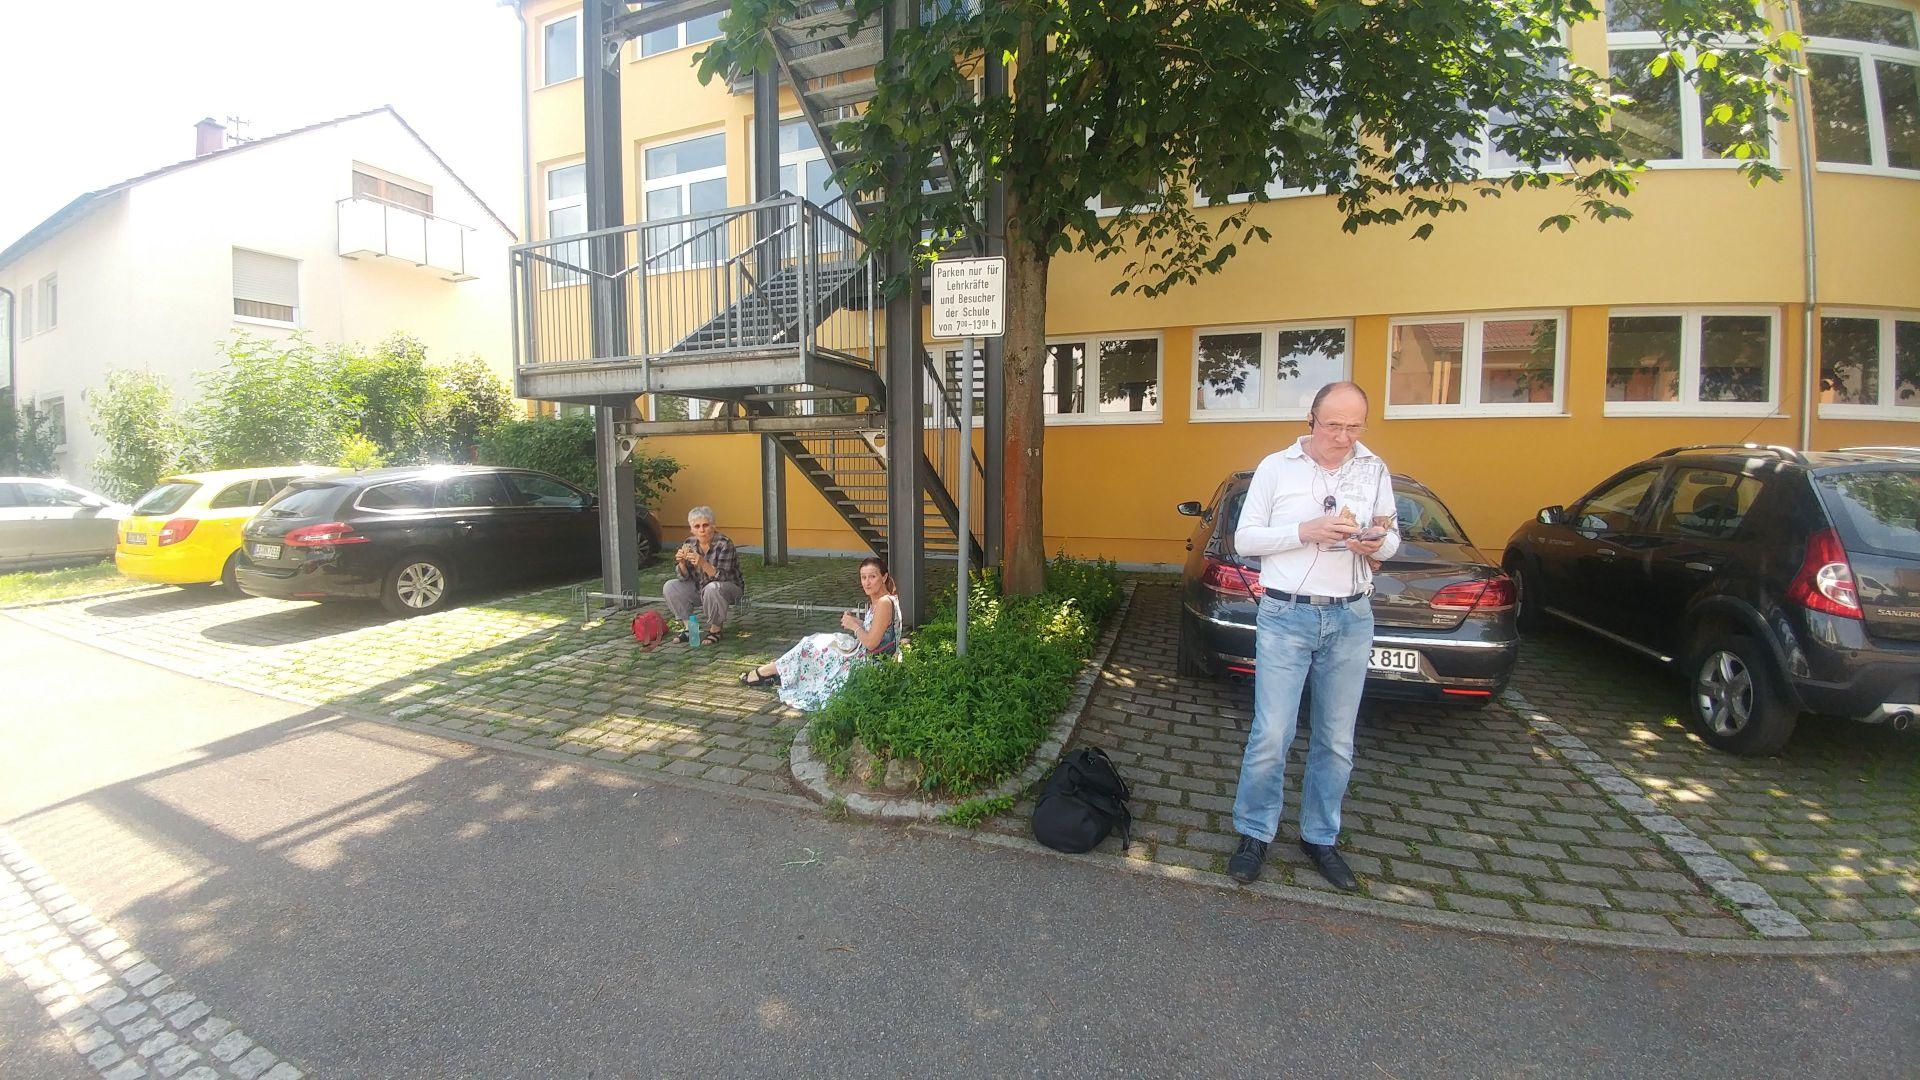 Pleidelsheim_20180616_125206